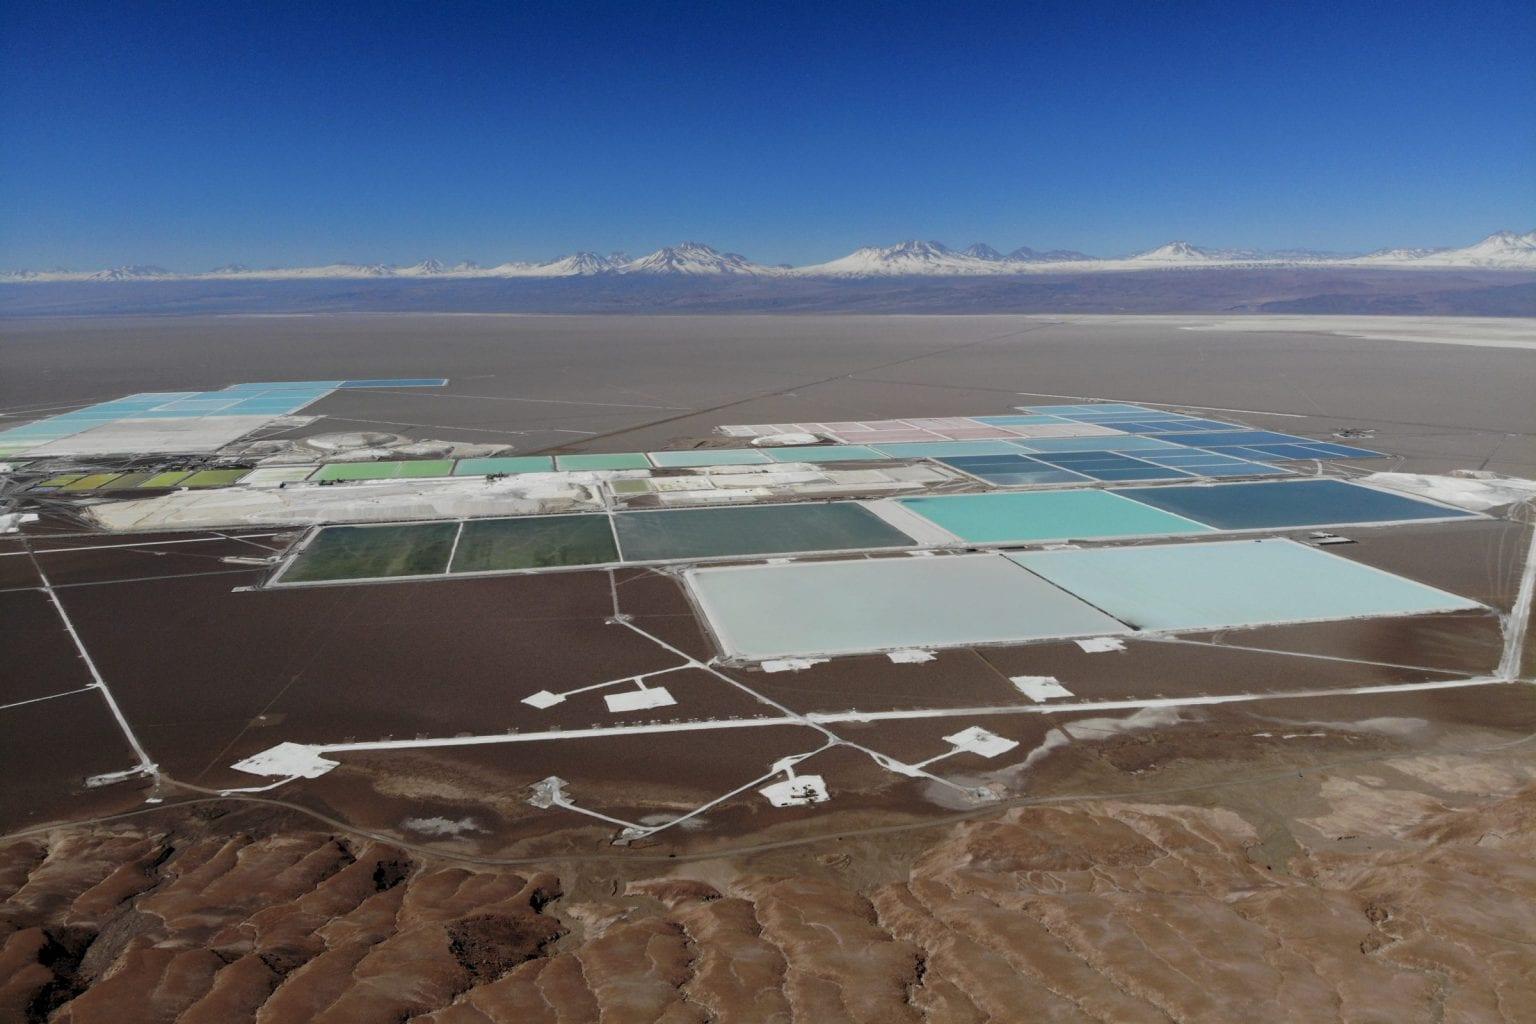 Bassinerne, vi fanger på vores dronebillede her, er kun en mindre del af Atacamas litiumudvinding, som i alt dækker omkring 80 kvadratkilometer. Den lillebitte sorte prik på vejen nederst i billedet til venstre for midten er den ellers store firhjulstrækker, vi kørte rundt i.